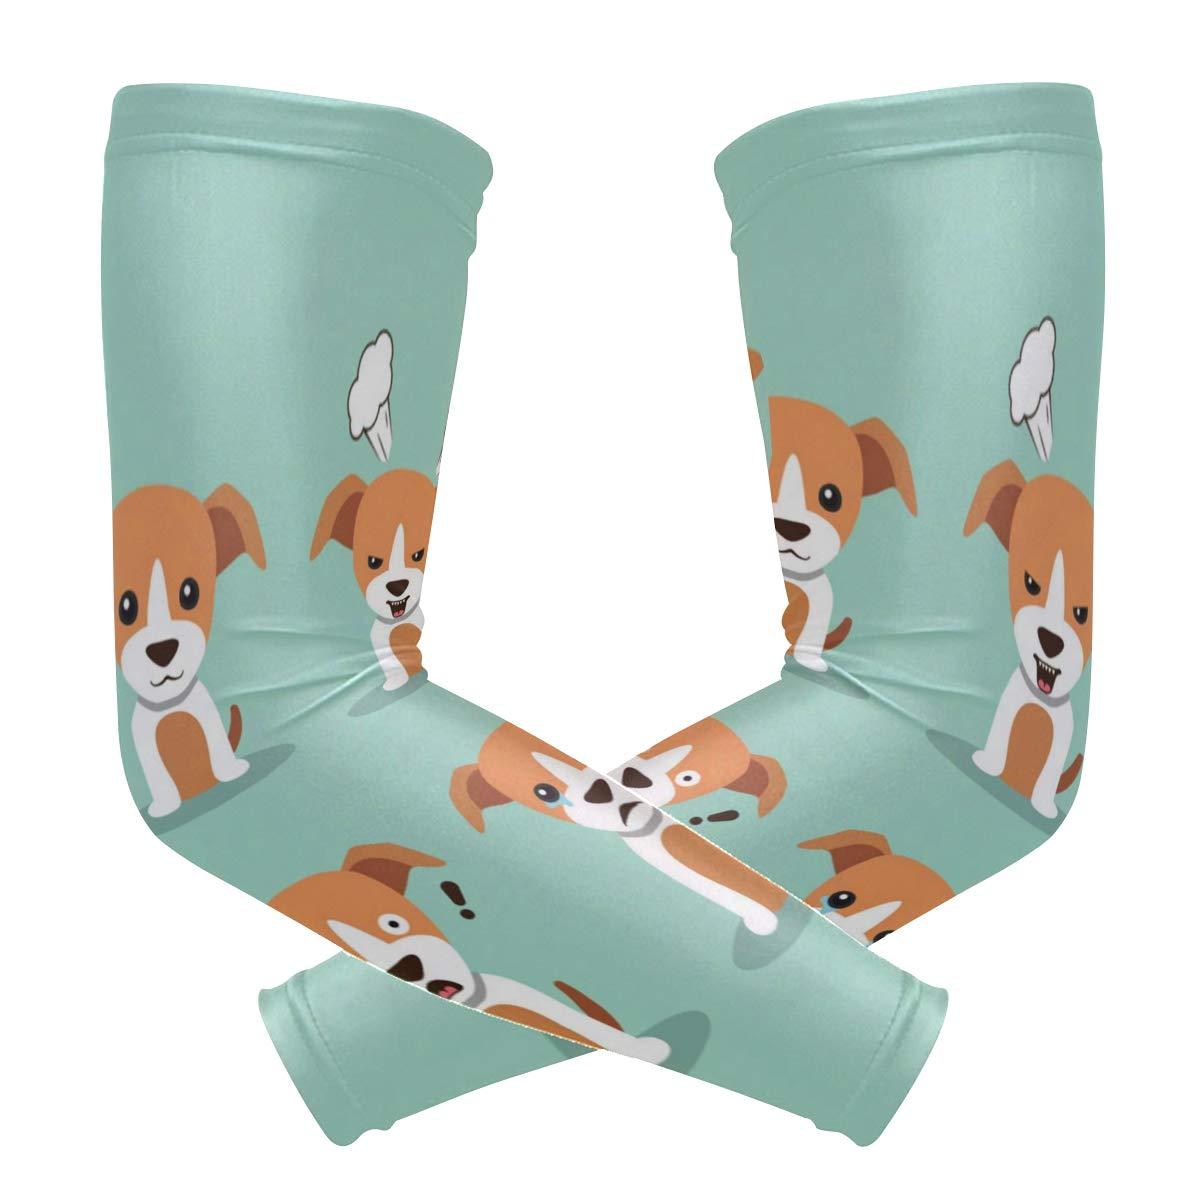 アームスリーブ 犬の隠れバス メンズ 太陽 UV保護スリーブ アームウォーマー クールなロングセットカバー B07H9LTL7D  カラー6 One Size